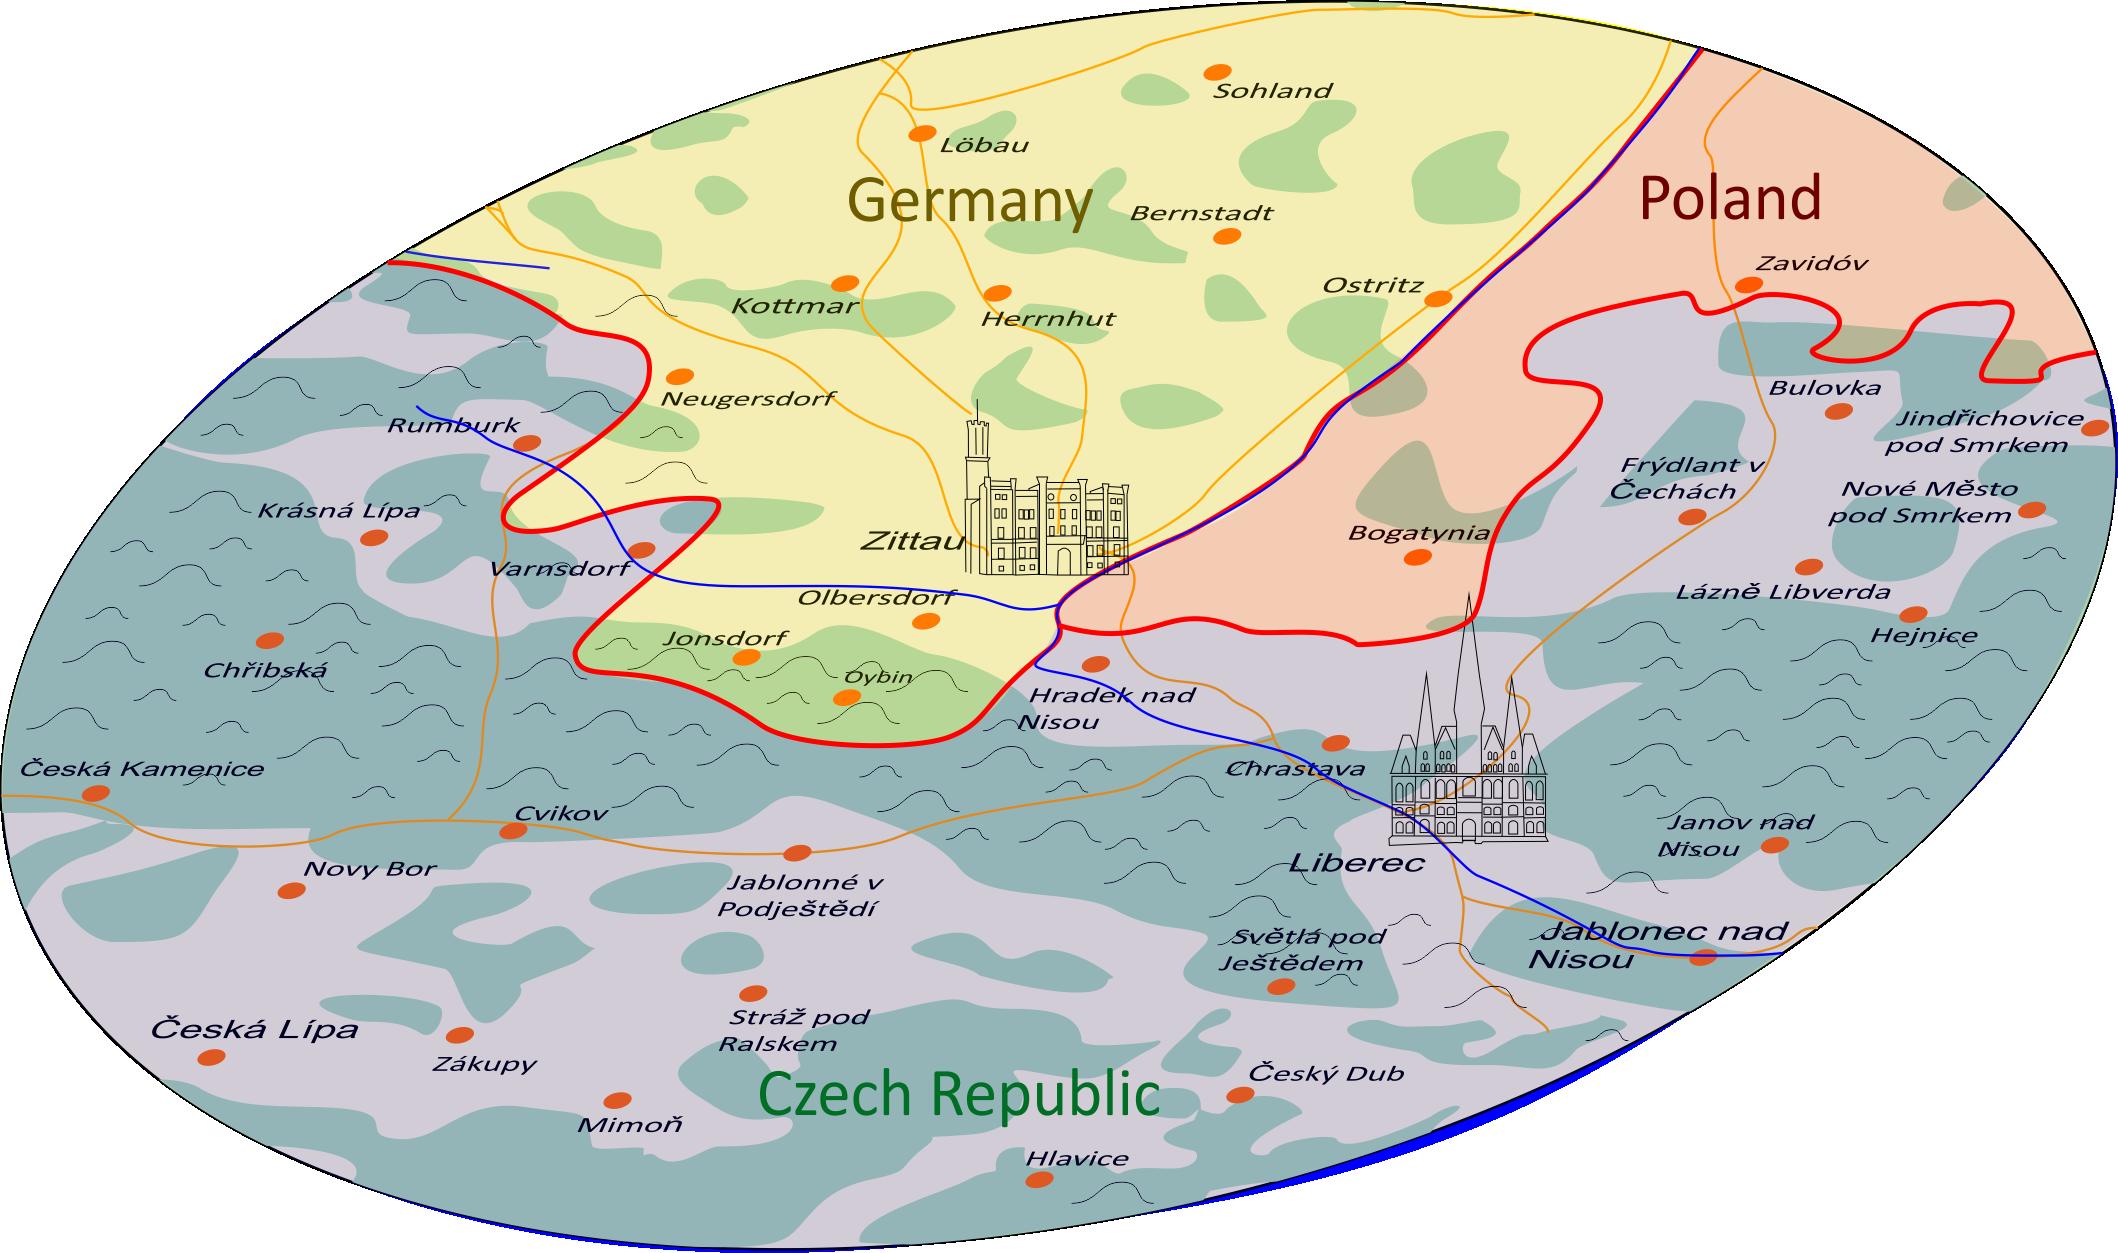 Zittau and its surroundings (radius 30 km)